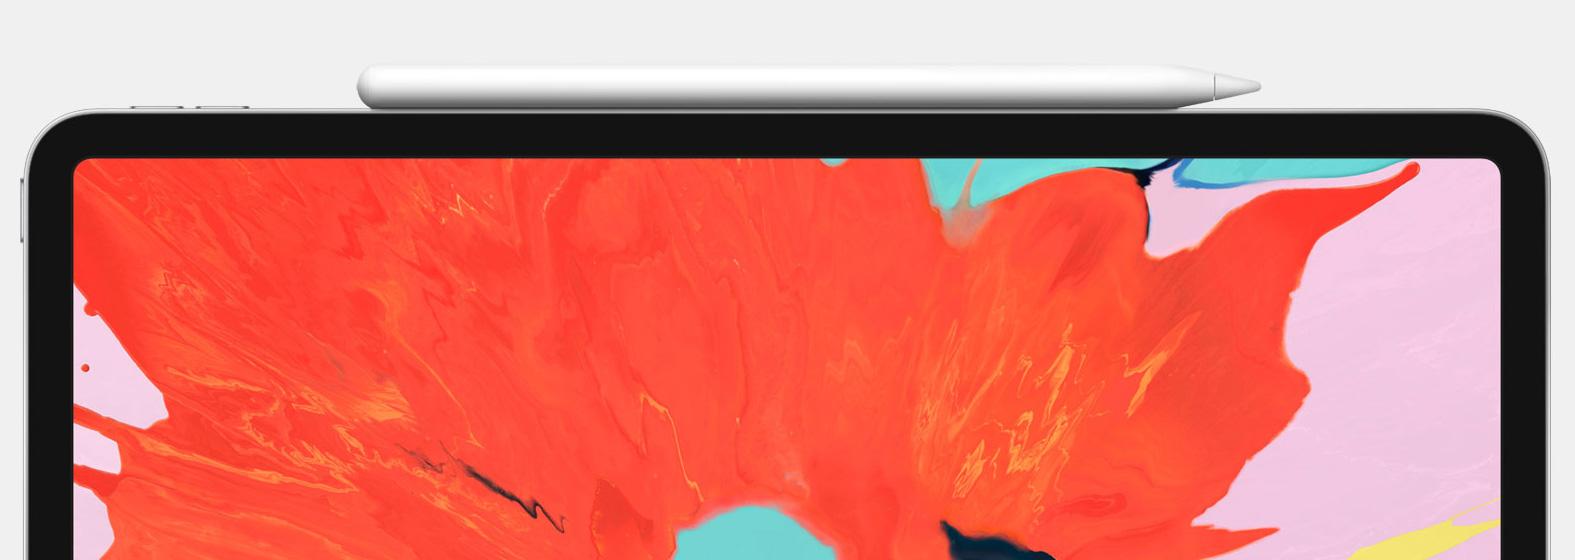 Nuevo Apple Pencil cargando en el iPad Pro todo pantalla